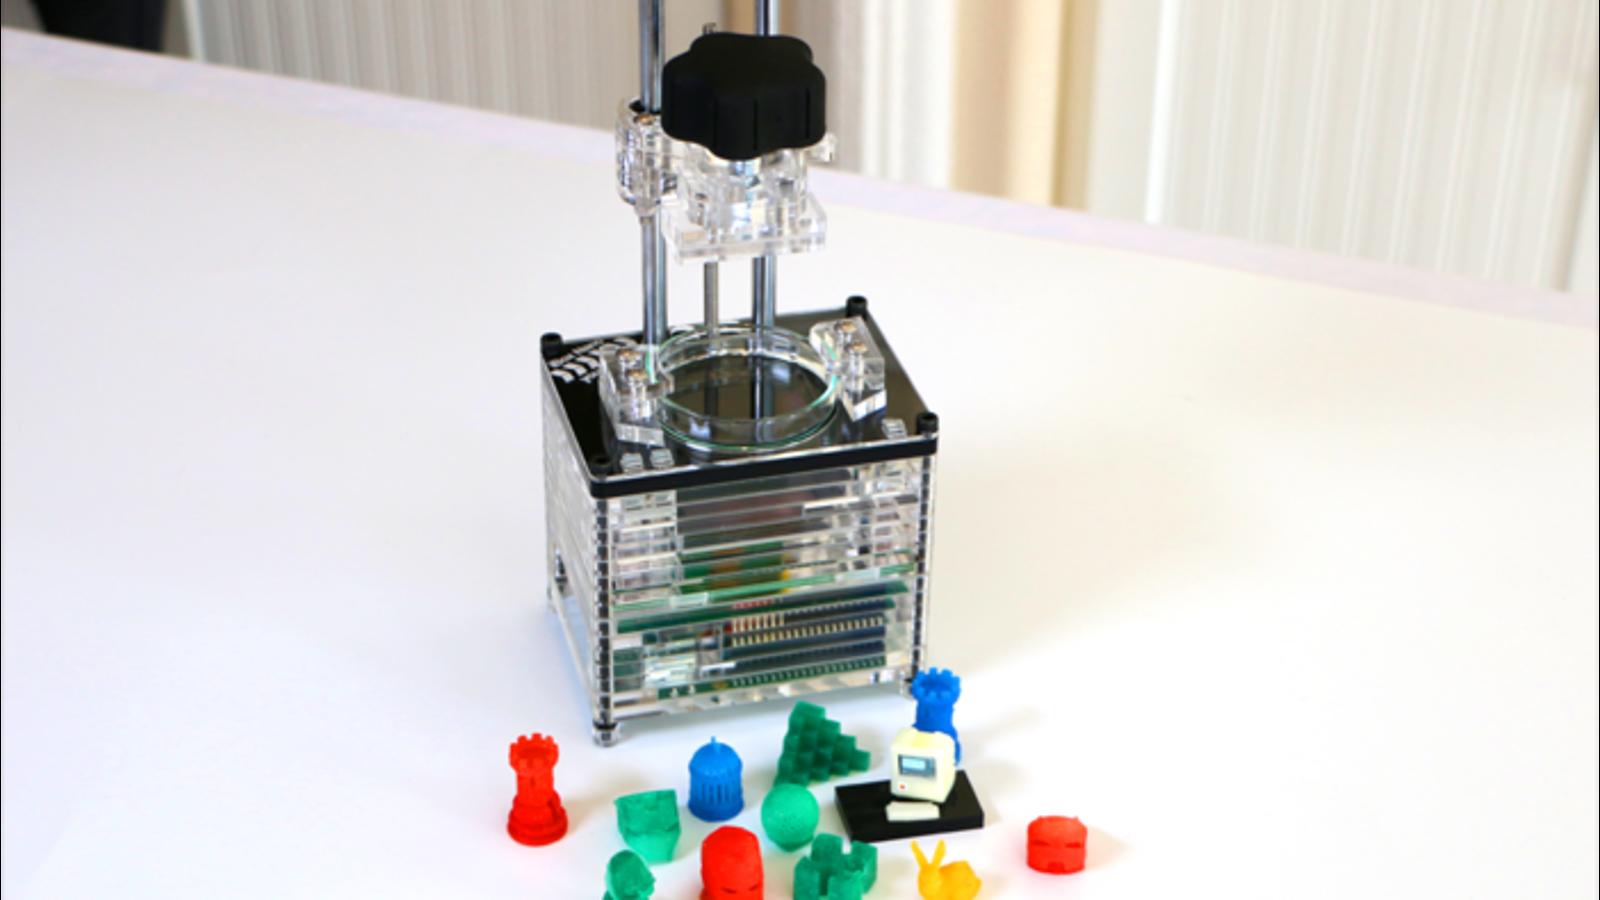 Esta impresora 3D promete ser la más pequeña y barata: $299